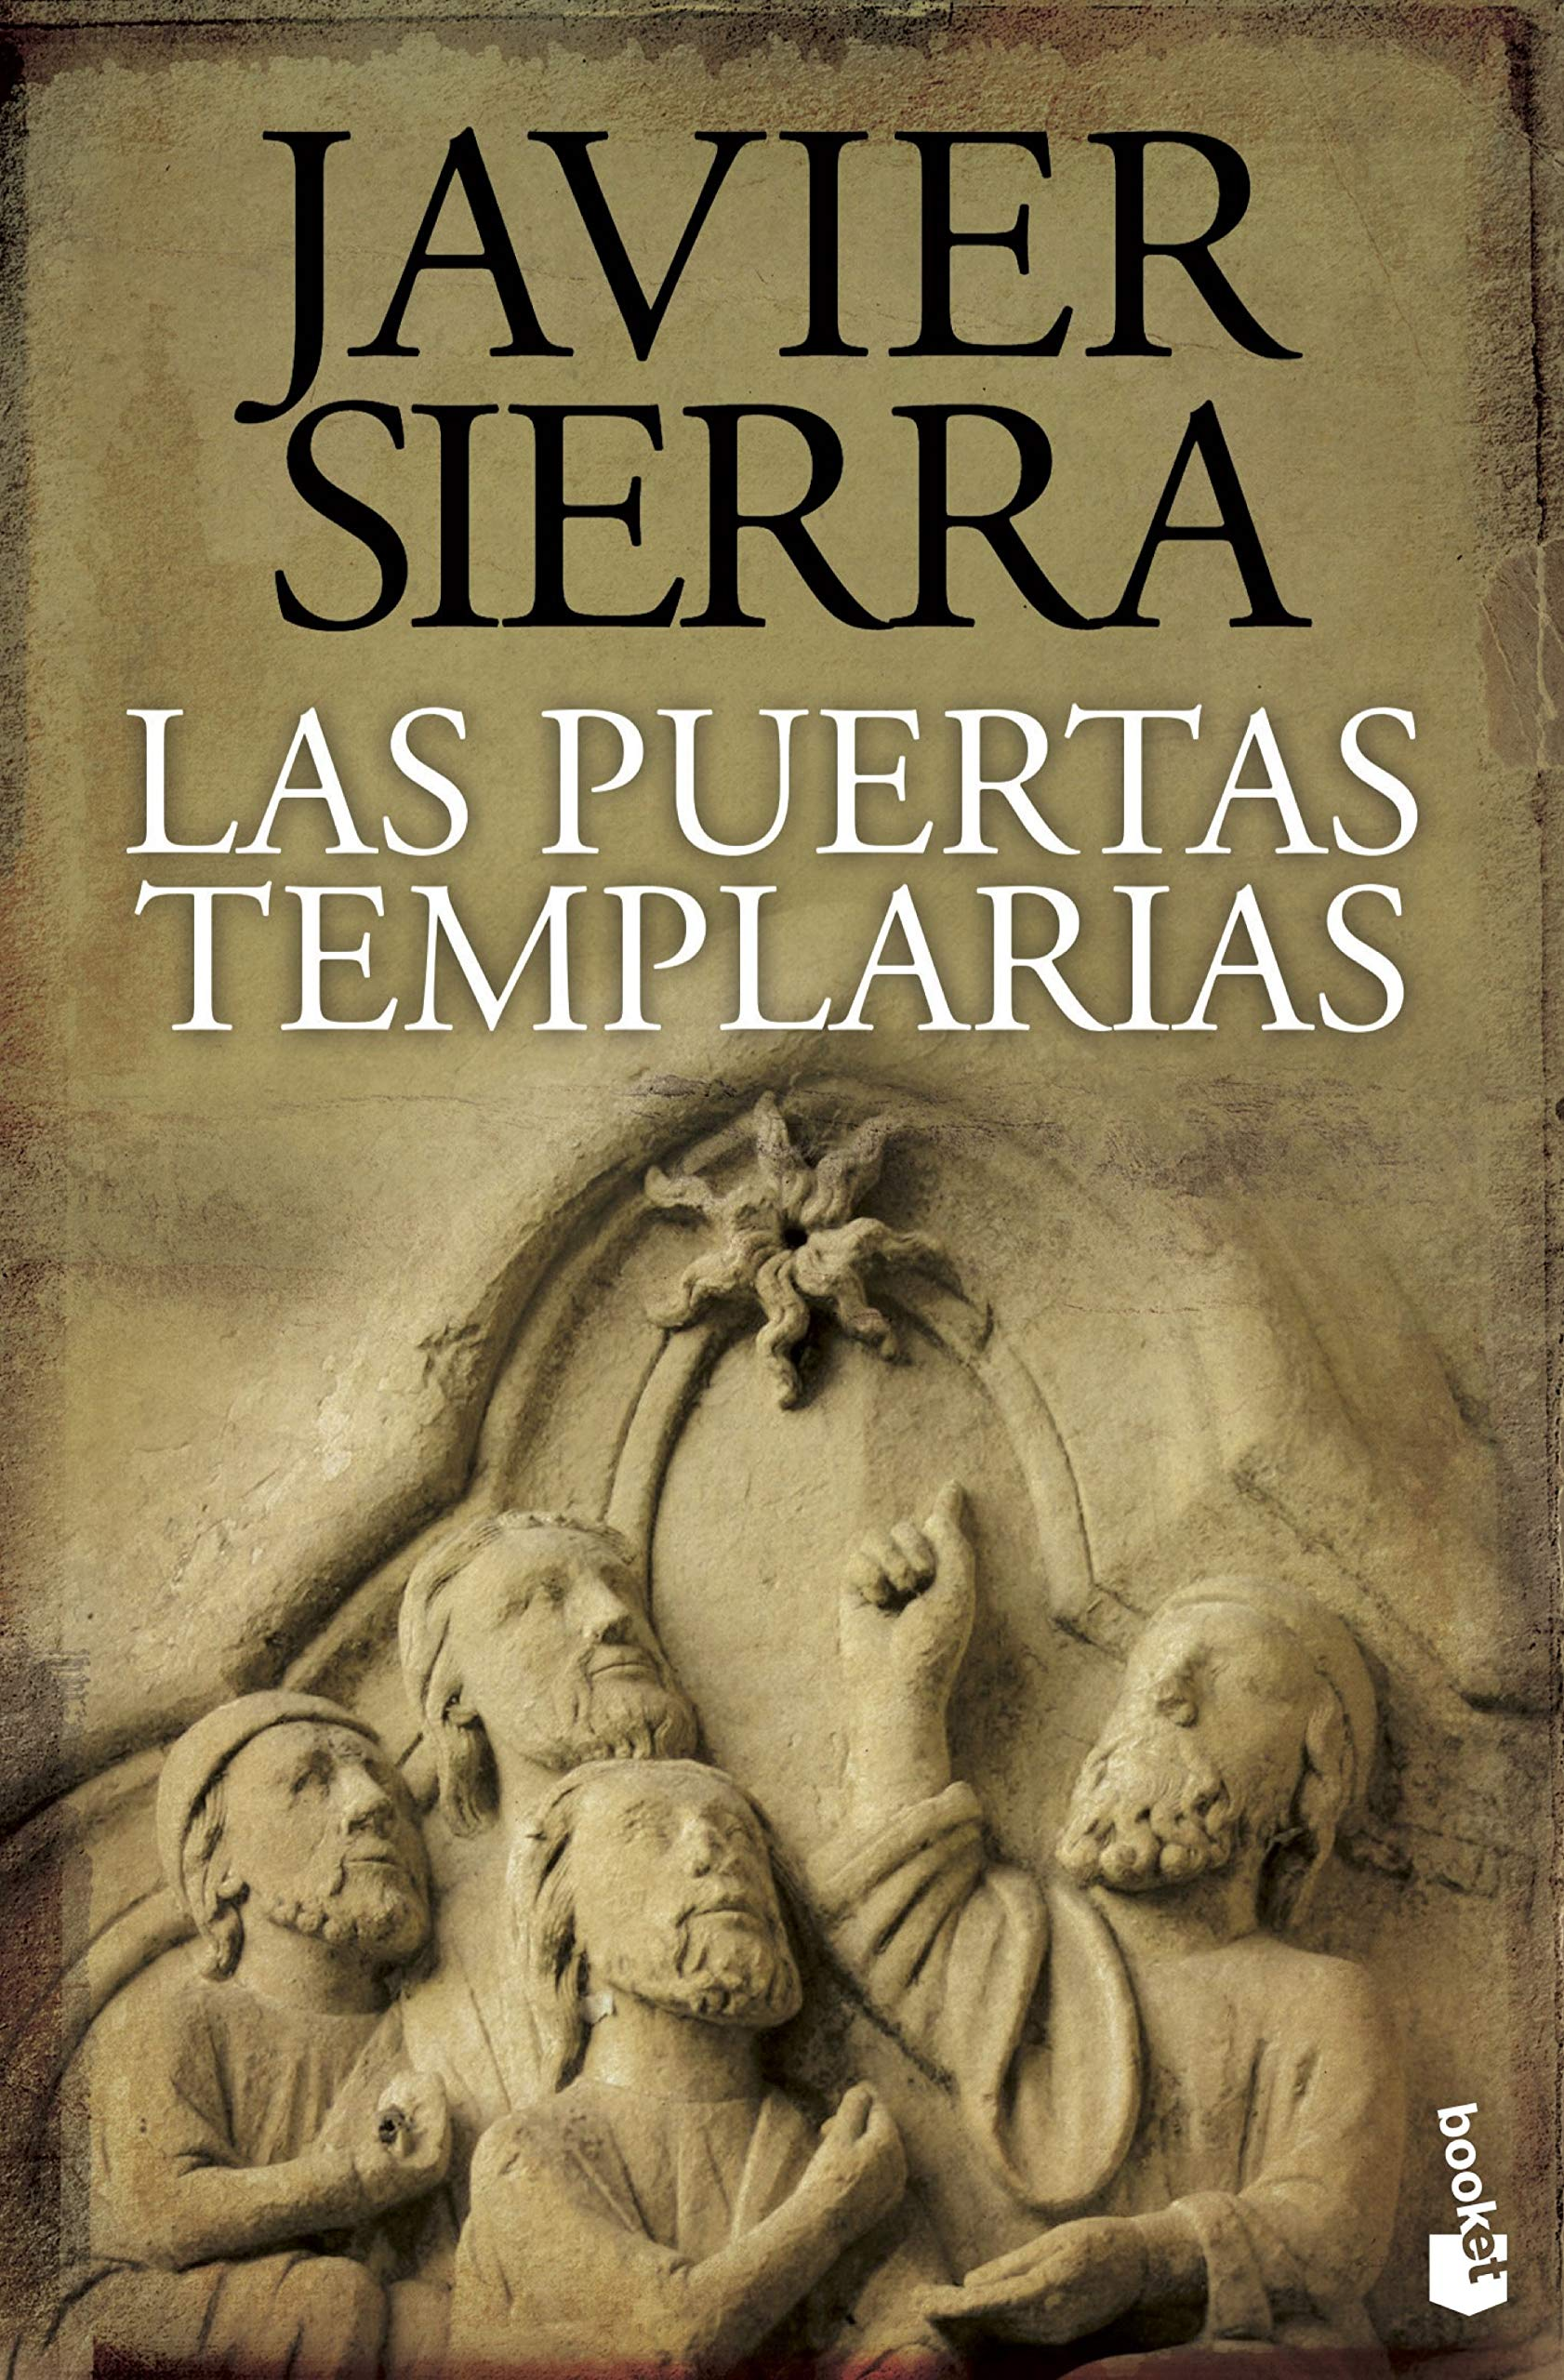 Las puertas templarias, de Javier Sierra